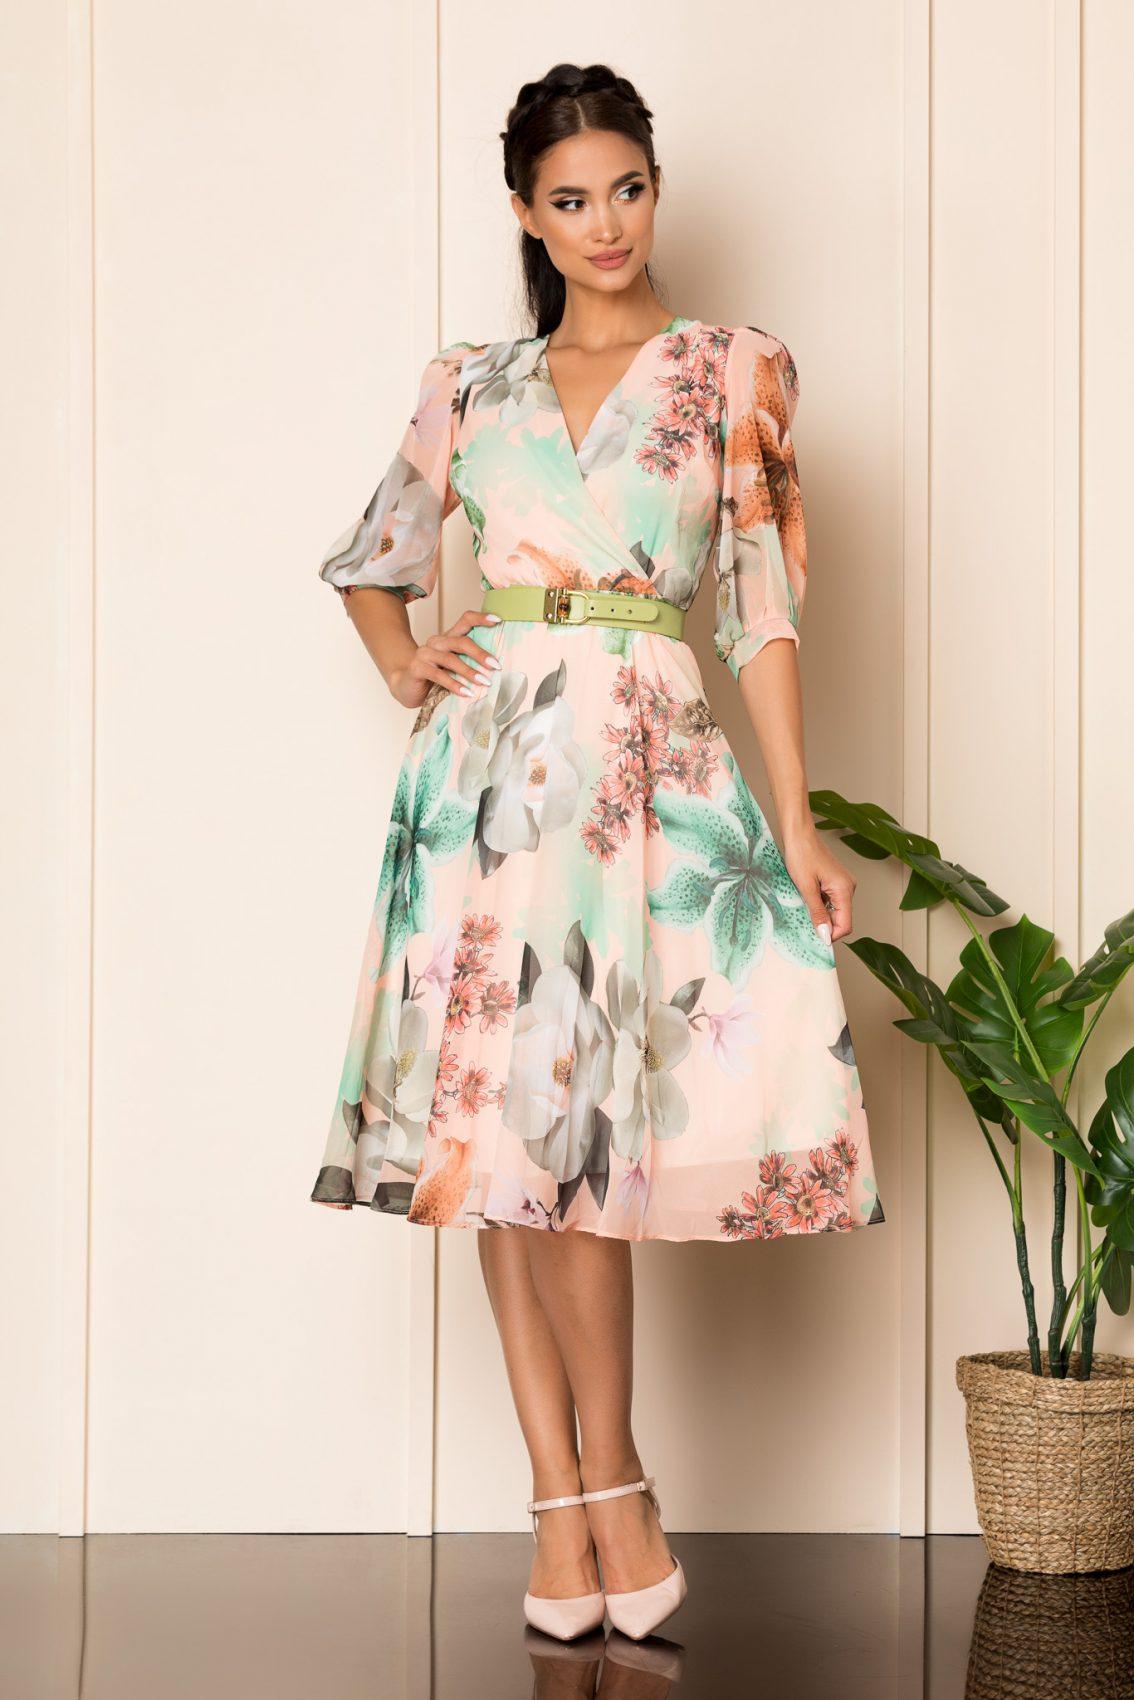 Ροδακινί Μίντι Εμπριμέ Φόρεμα Με Ζώνη Ynesa A797 1